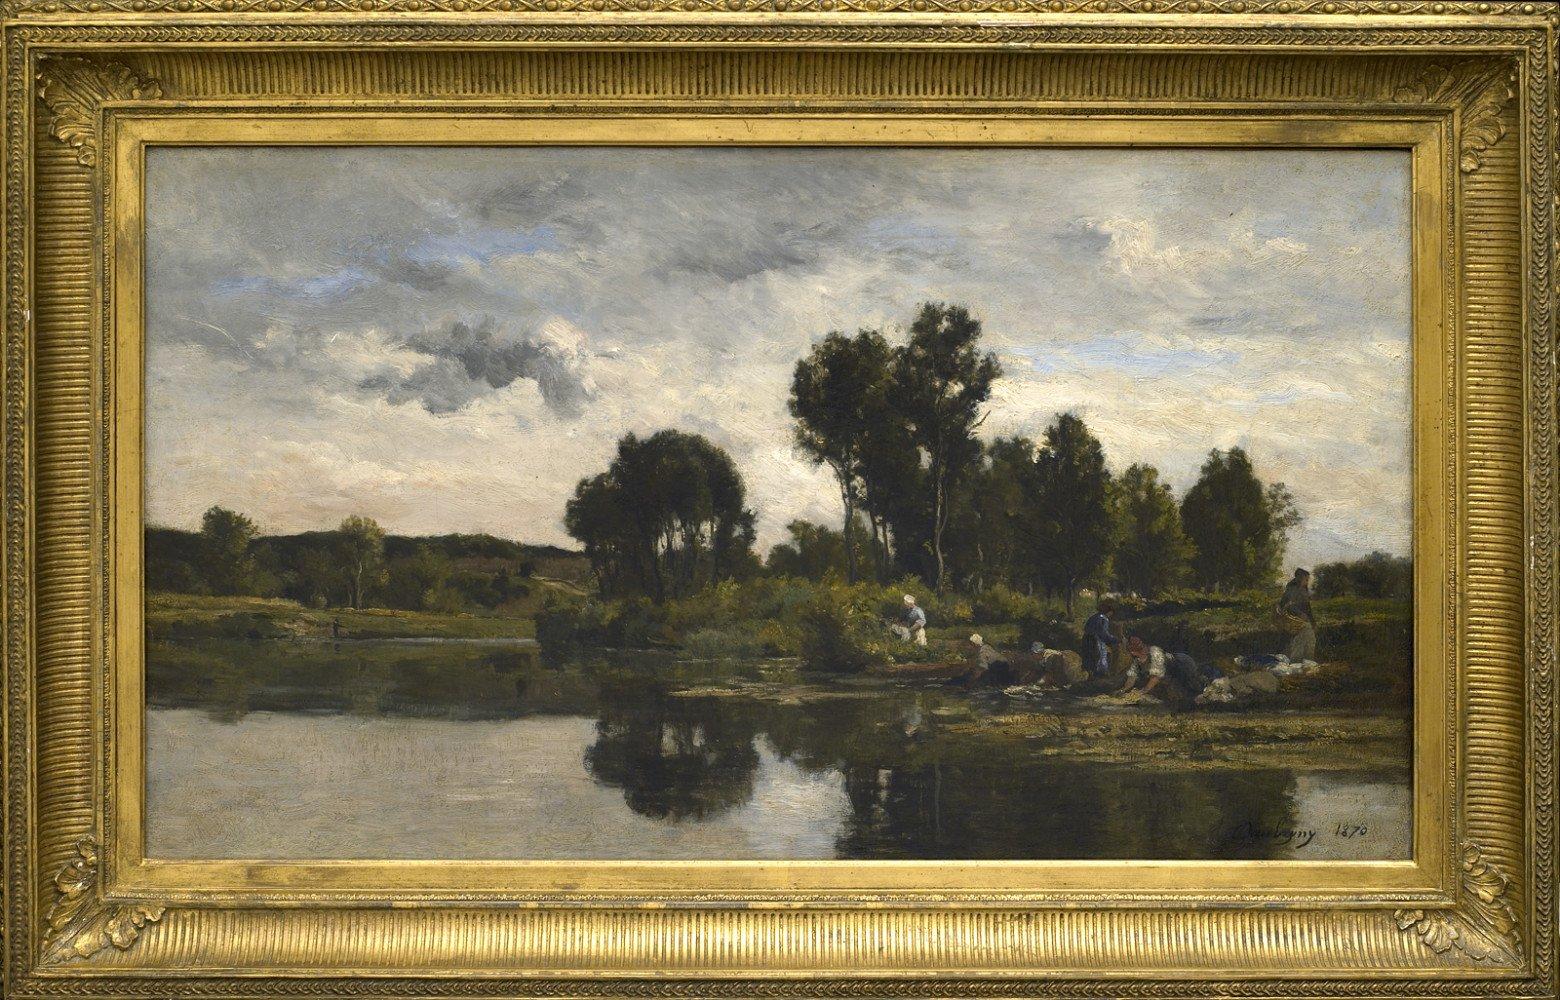 Les Lavandières au bords d'un ruisseau by Karl Pierre Daubigny